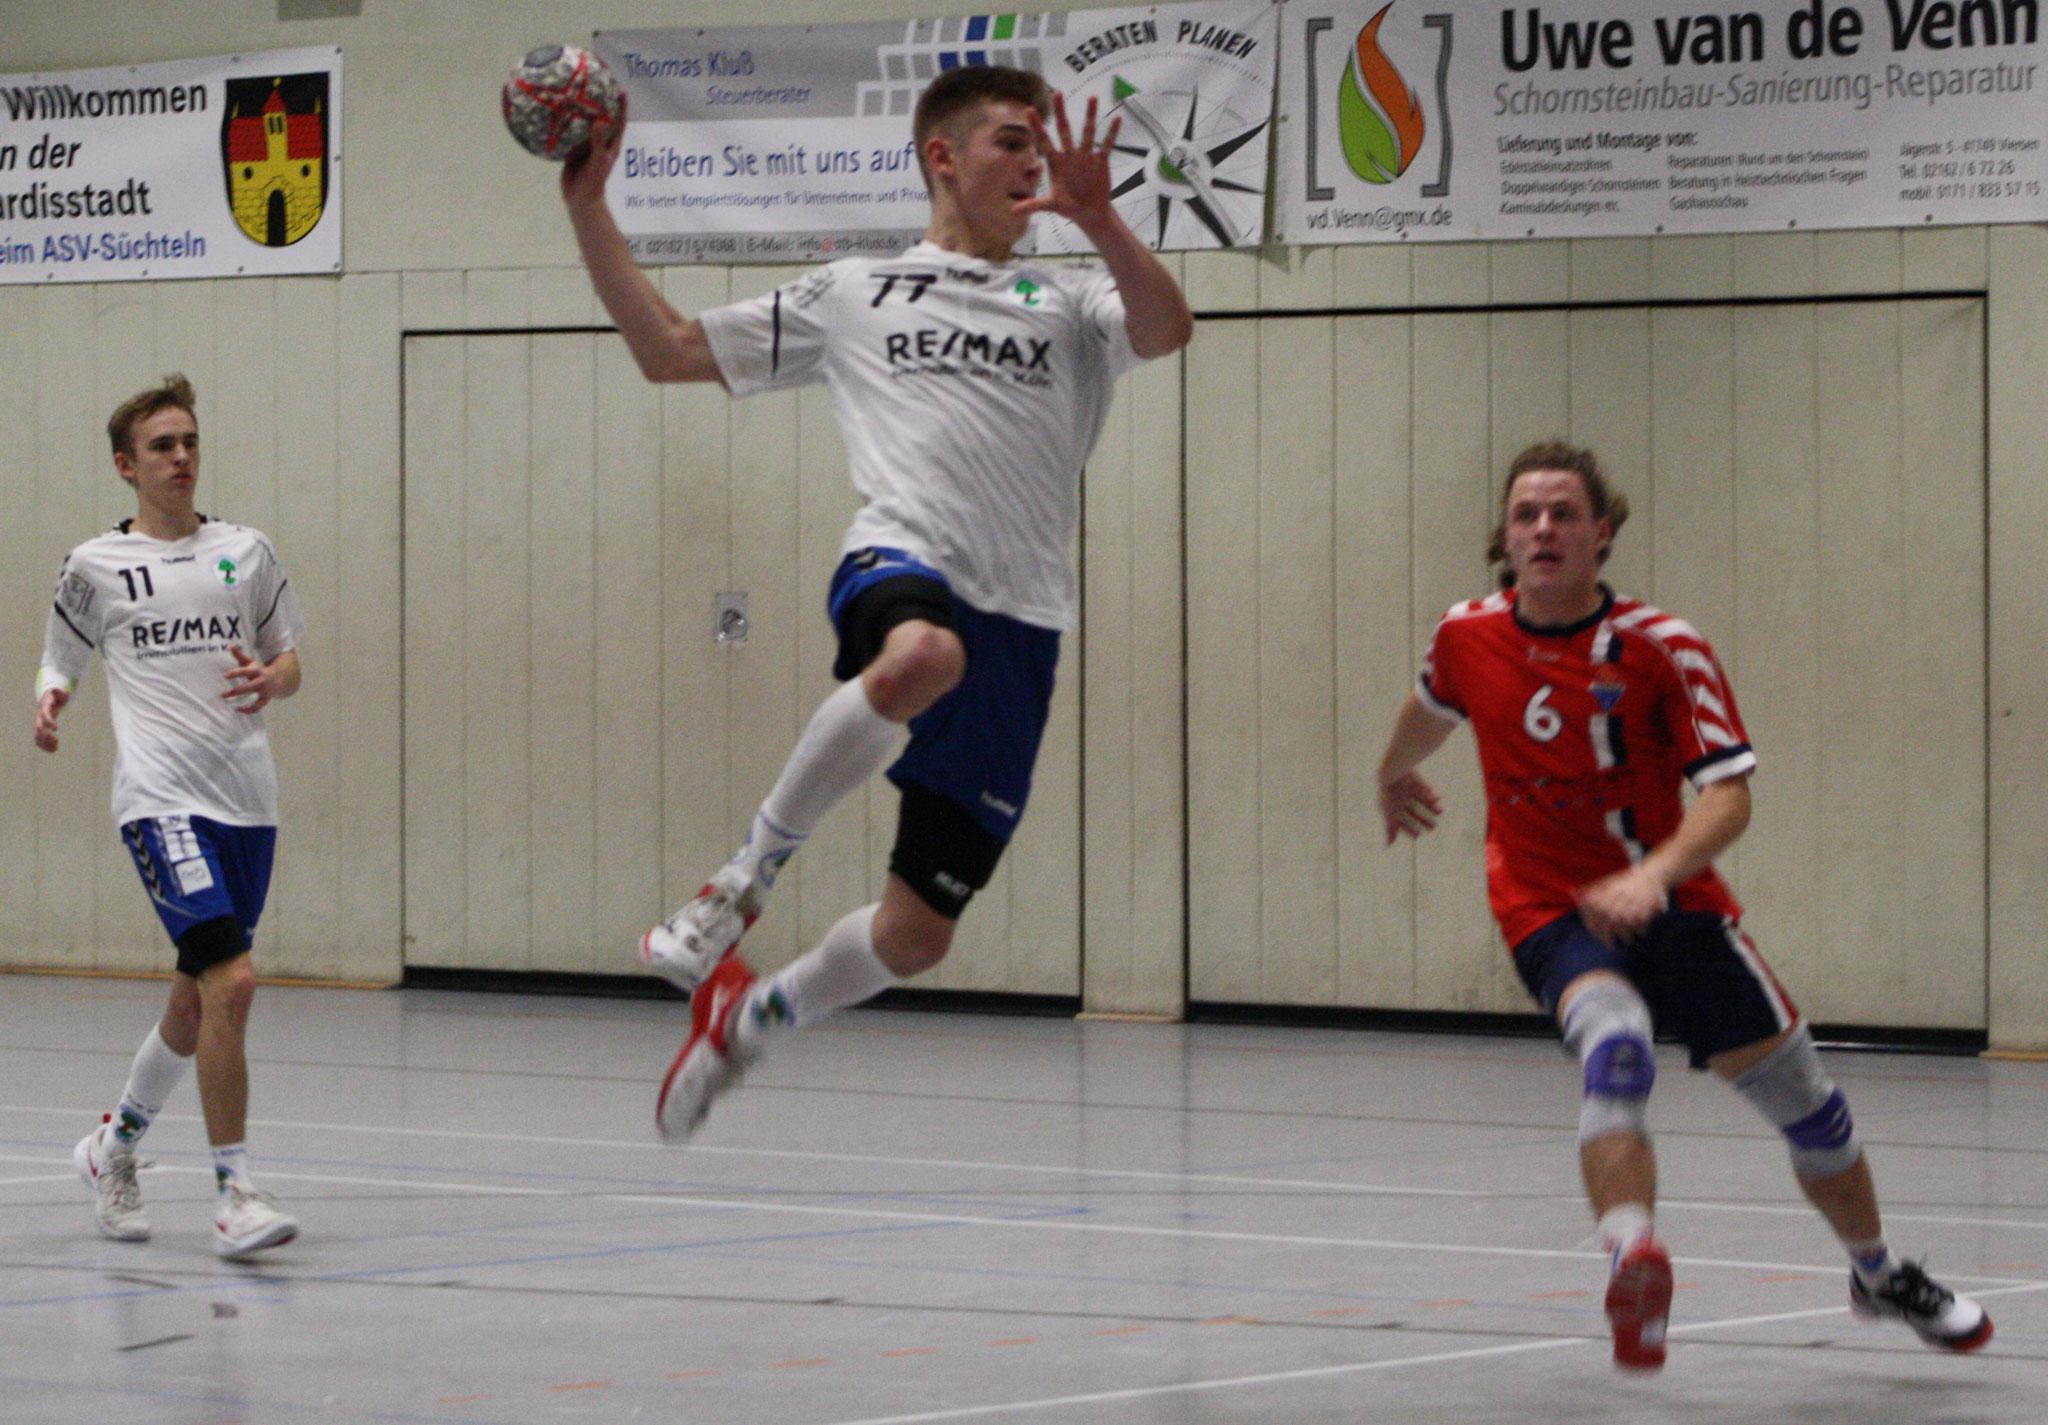 Mannschaftskapitän Julius Landmann fehlt in der Qualifikation mit einer Bänderverletzung. Foto: Karla Mertes